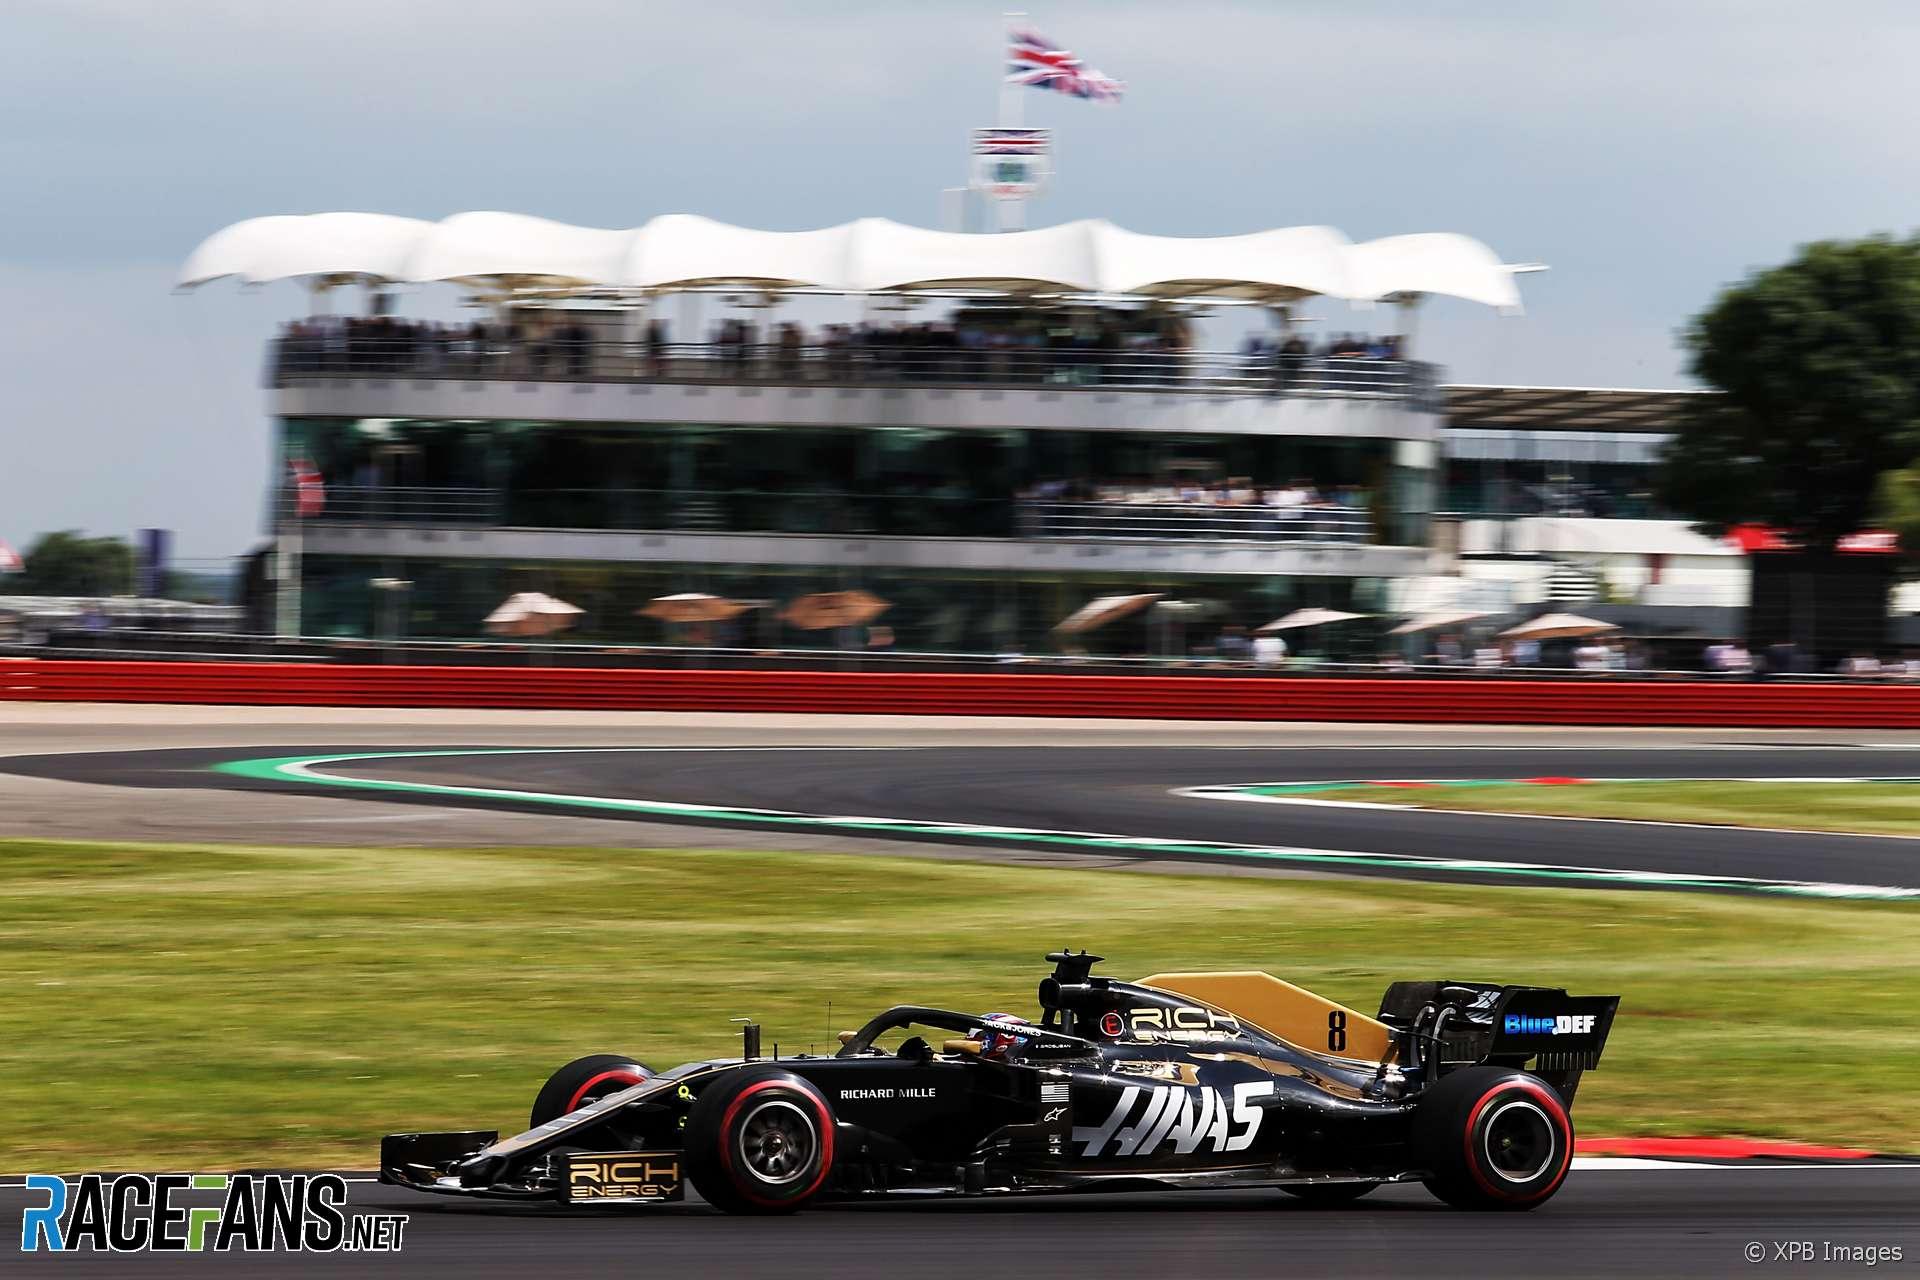 Romain Grosjean, Haas, Silverstone, 2019